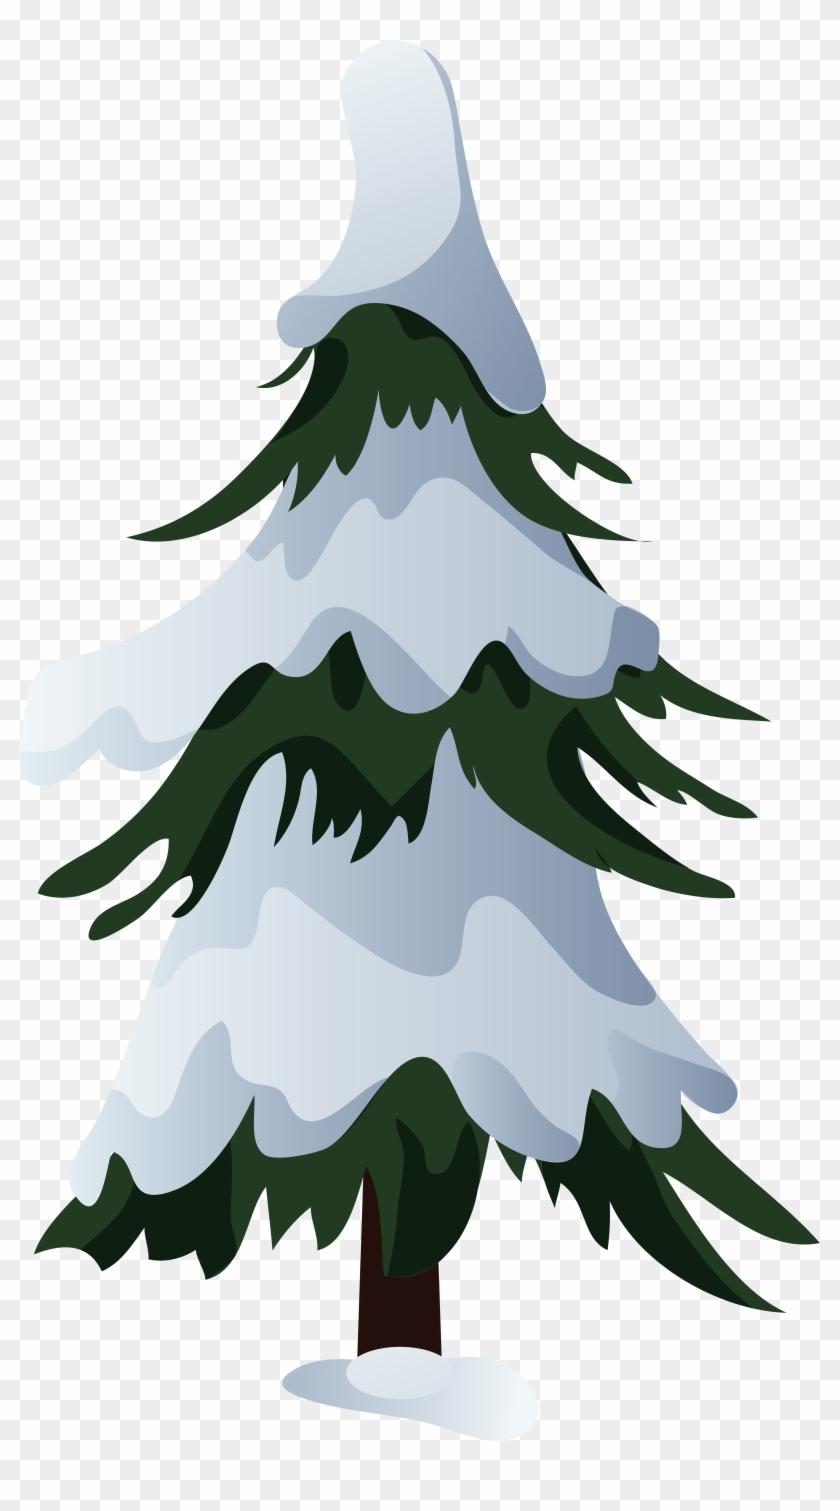 0, - Tree Cartoon With Snow #37061